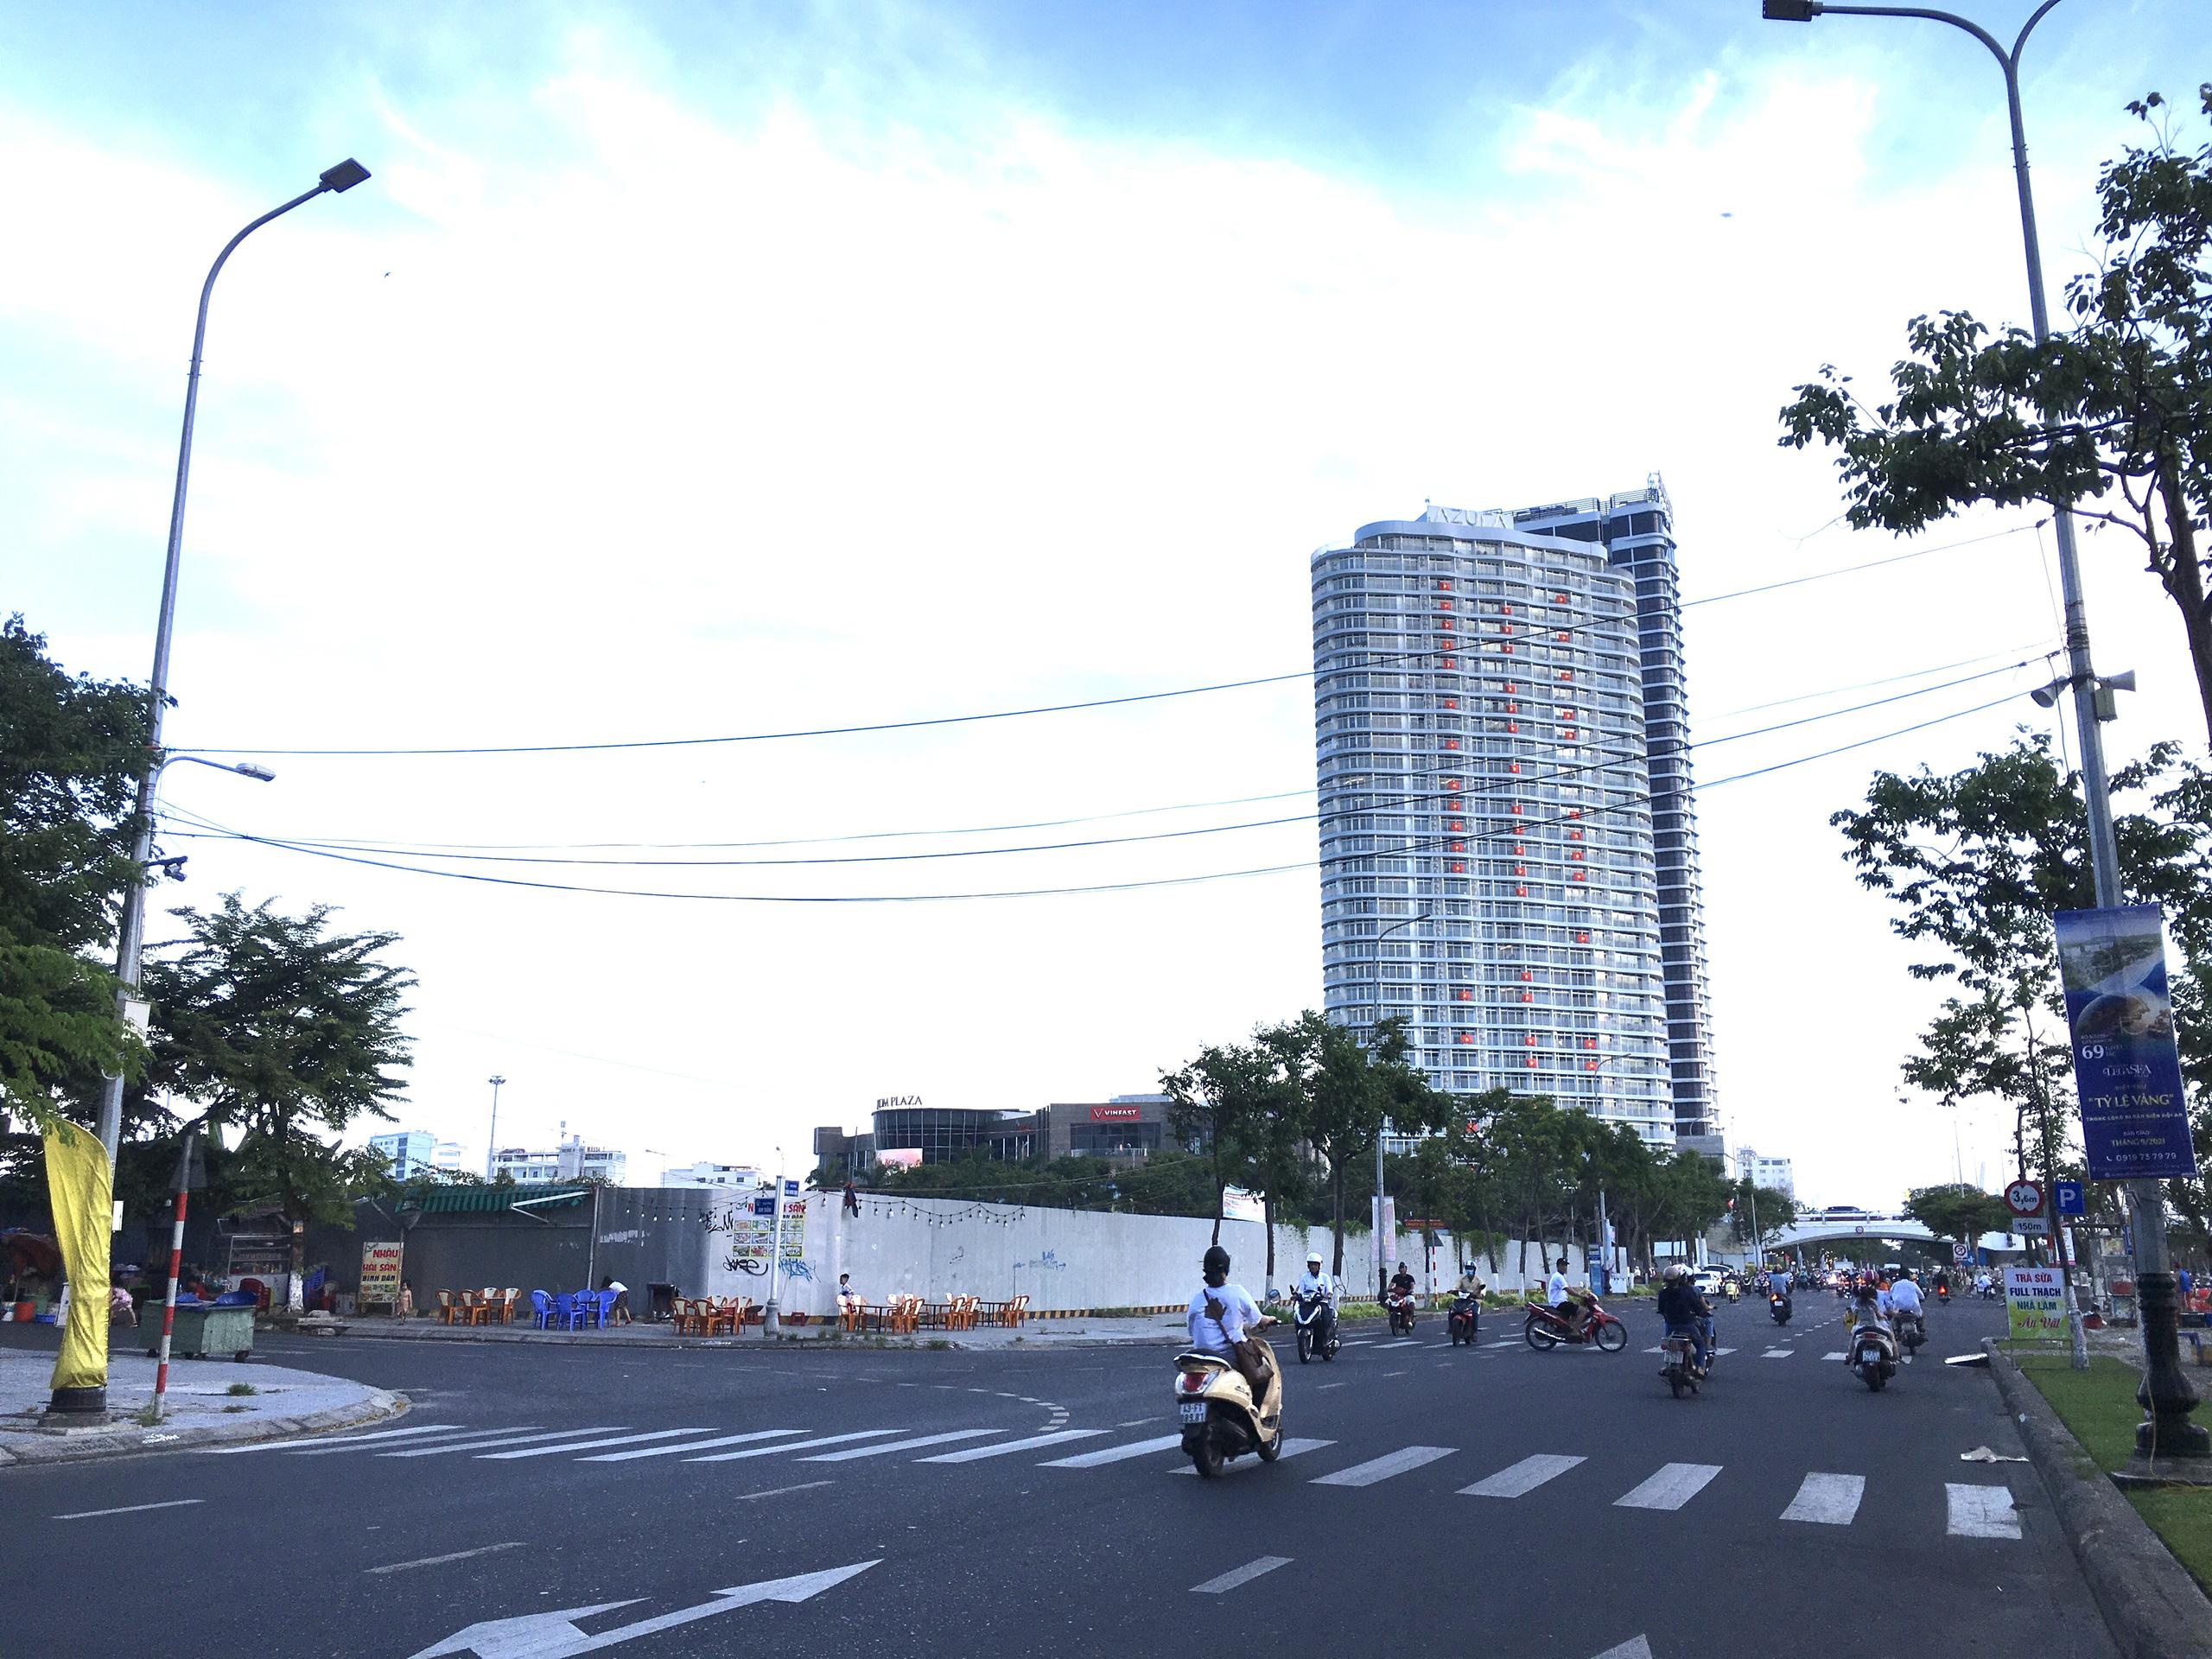 Hạ tầng ven sông Hàn Đà Nẵng hiện tại và trong tương lai - Ảnh 10.